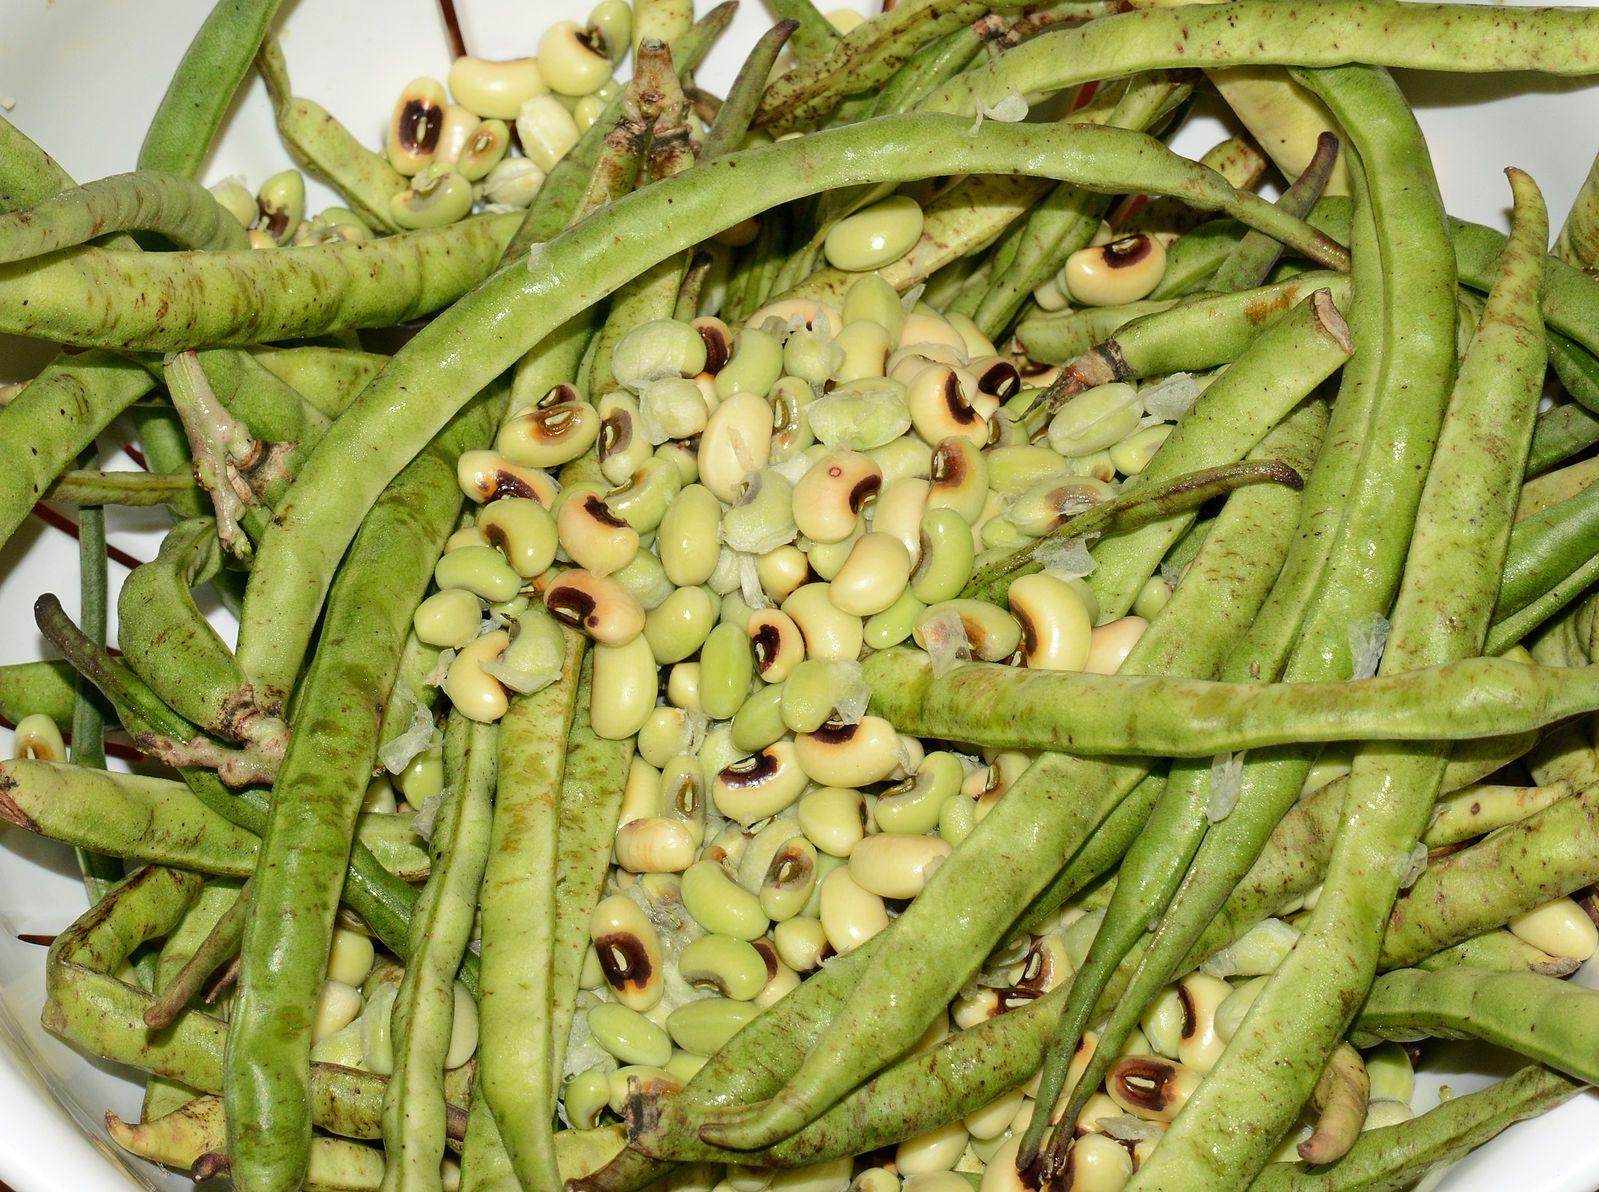 Black Eyed Peas, Courtesy of Wikimedia Commons